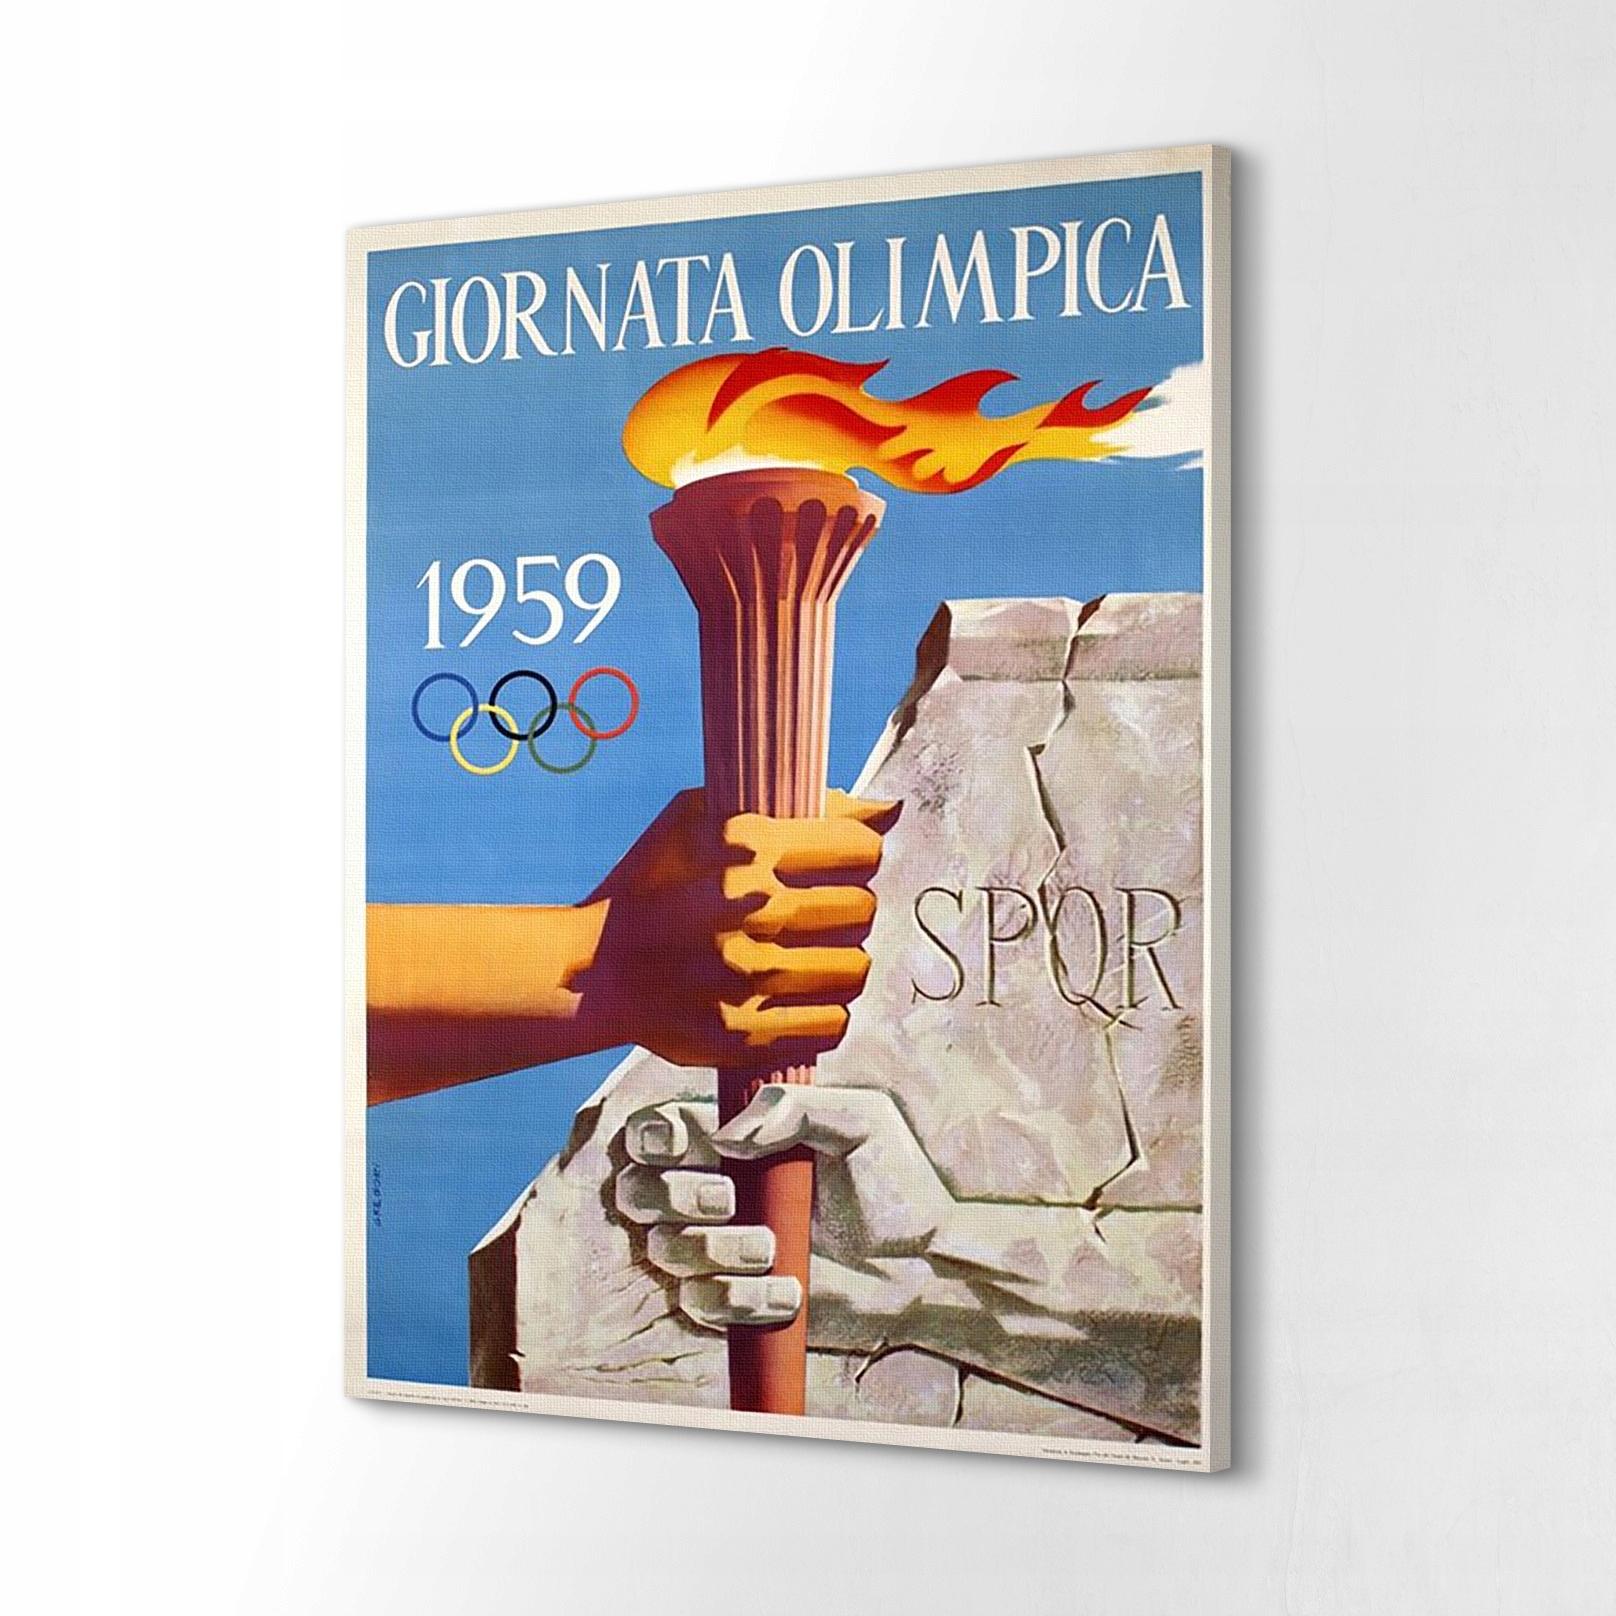 Maľba na plátne 40x60 Retro plagát Giornata Olimpica